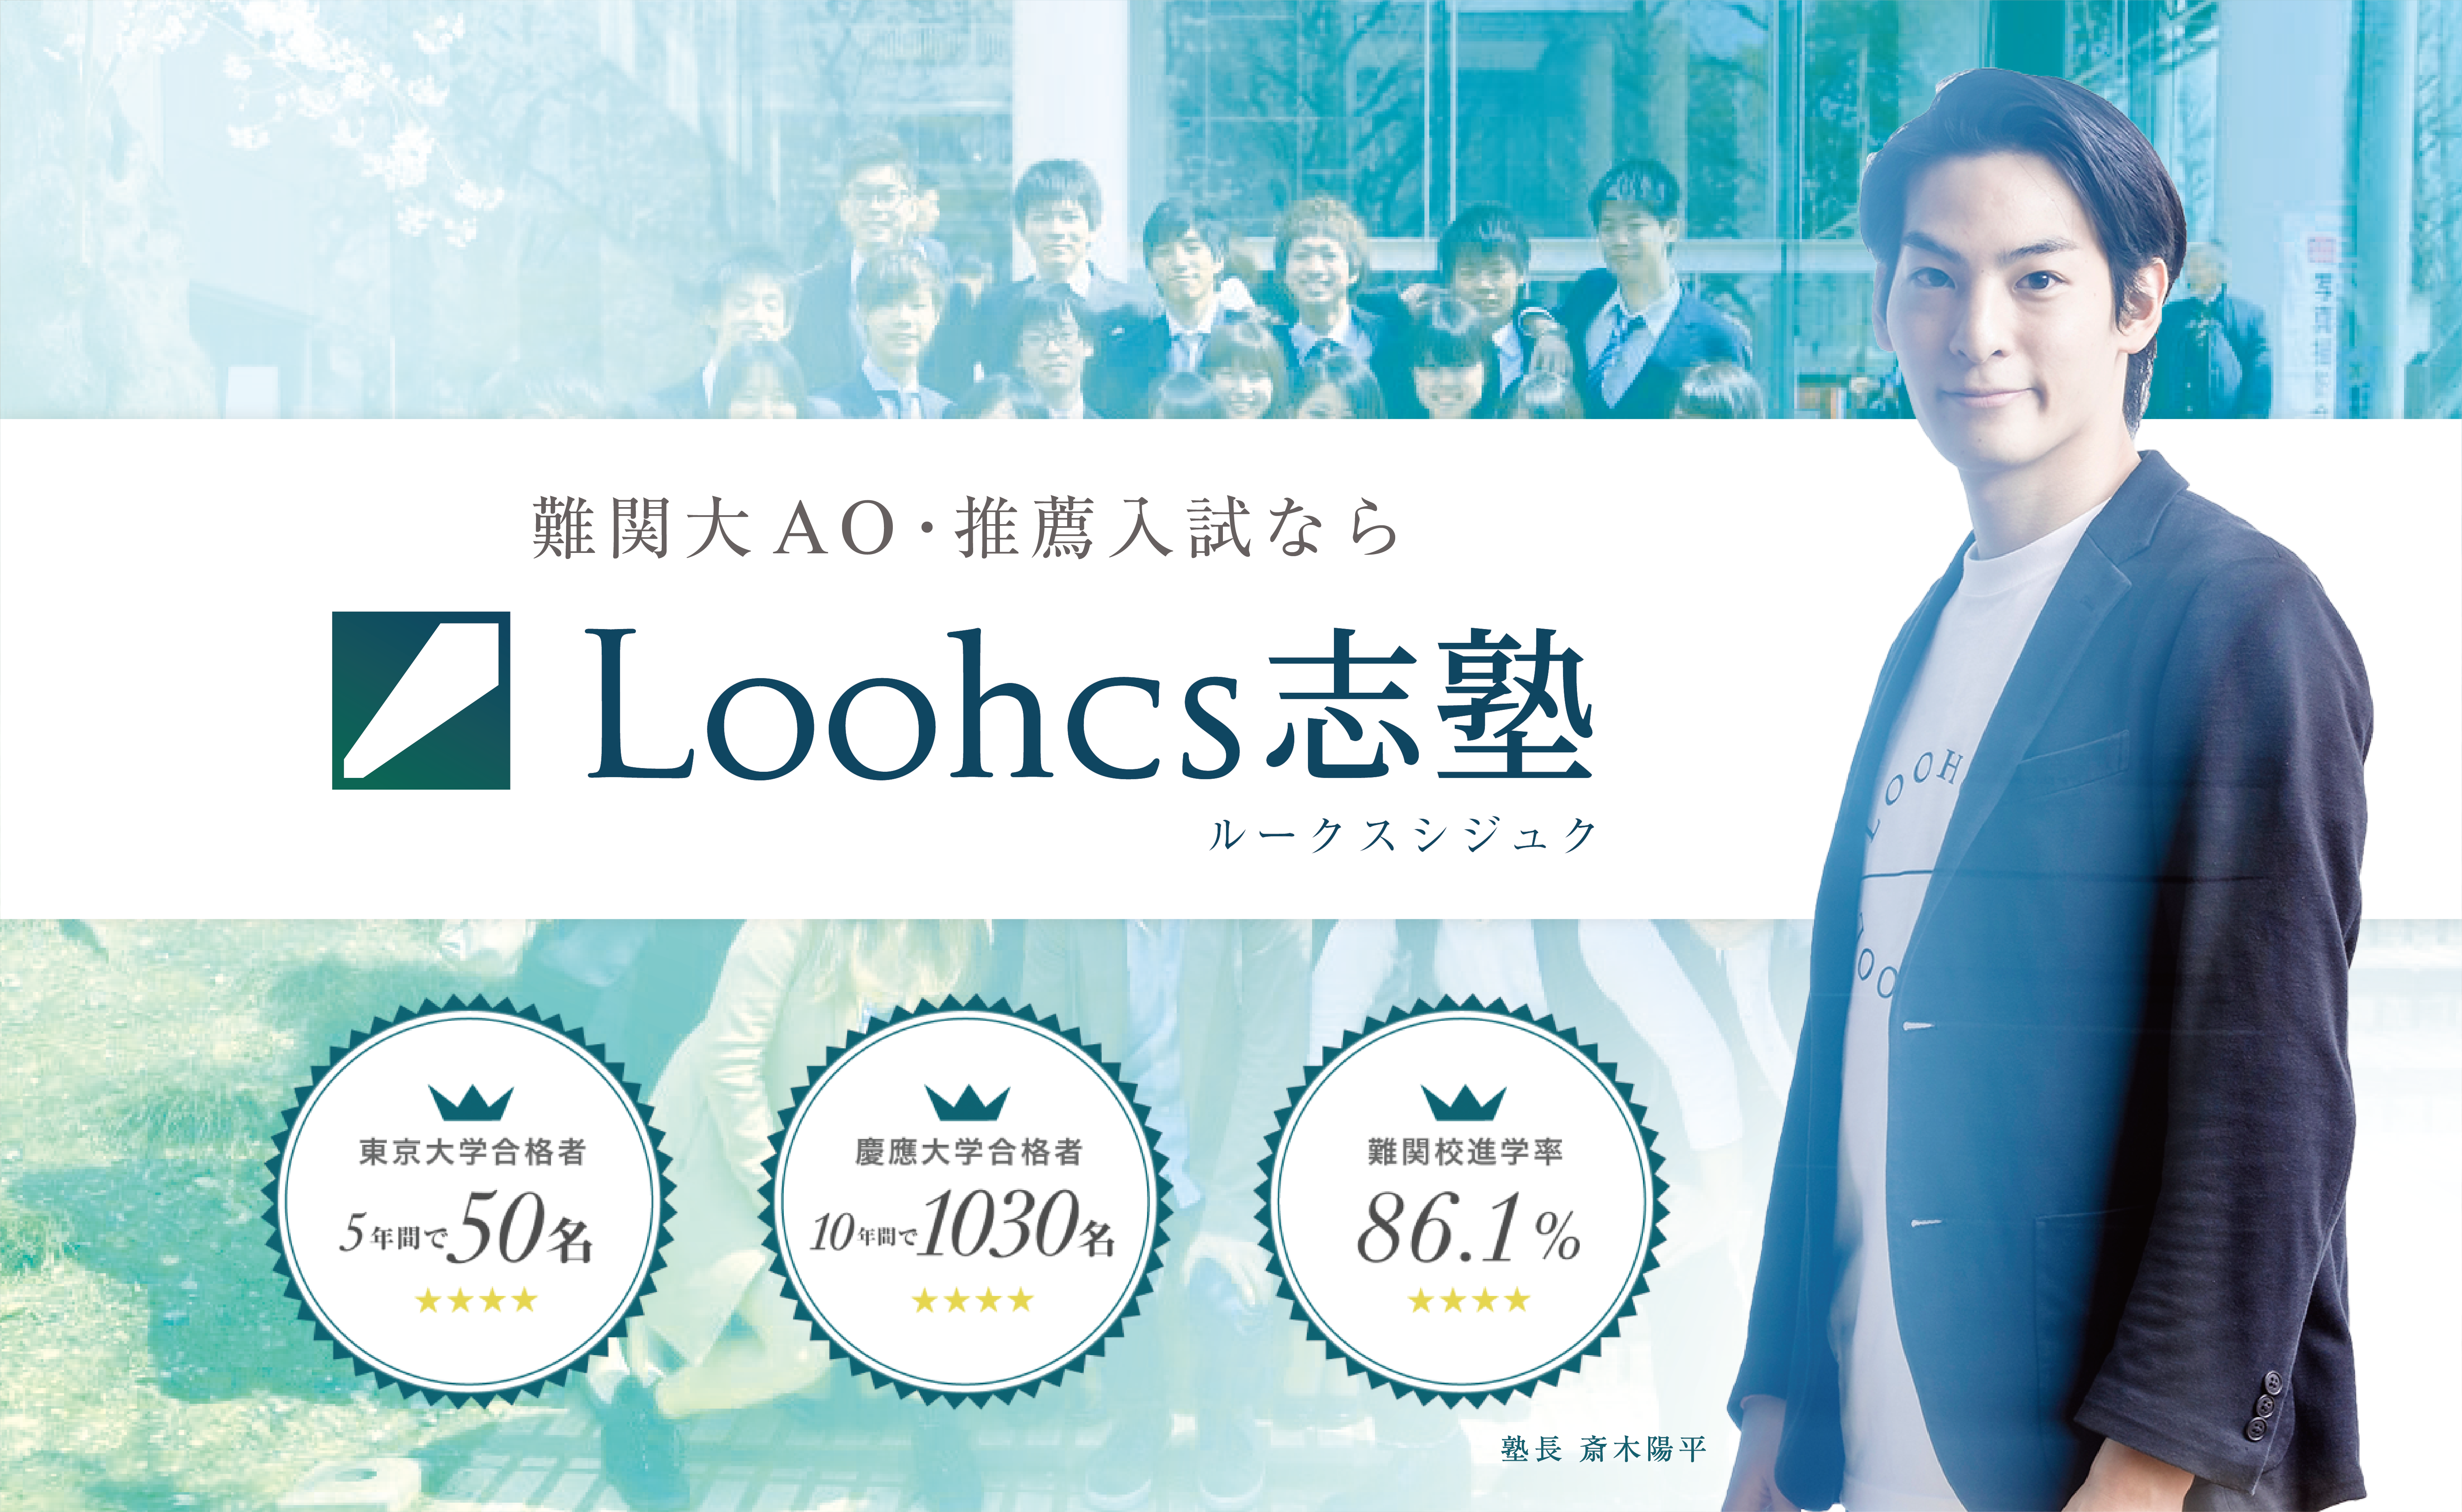 難関大AO・推薦入試ならLoohcs志塾